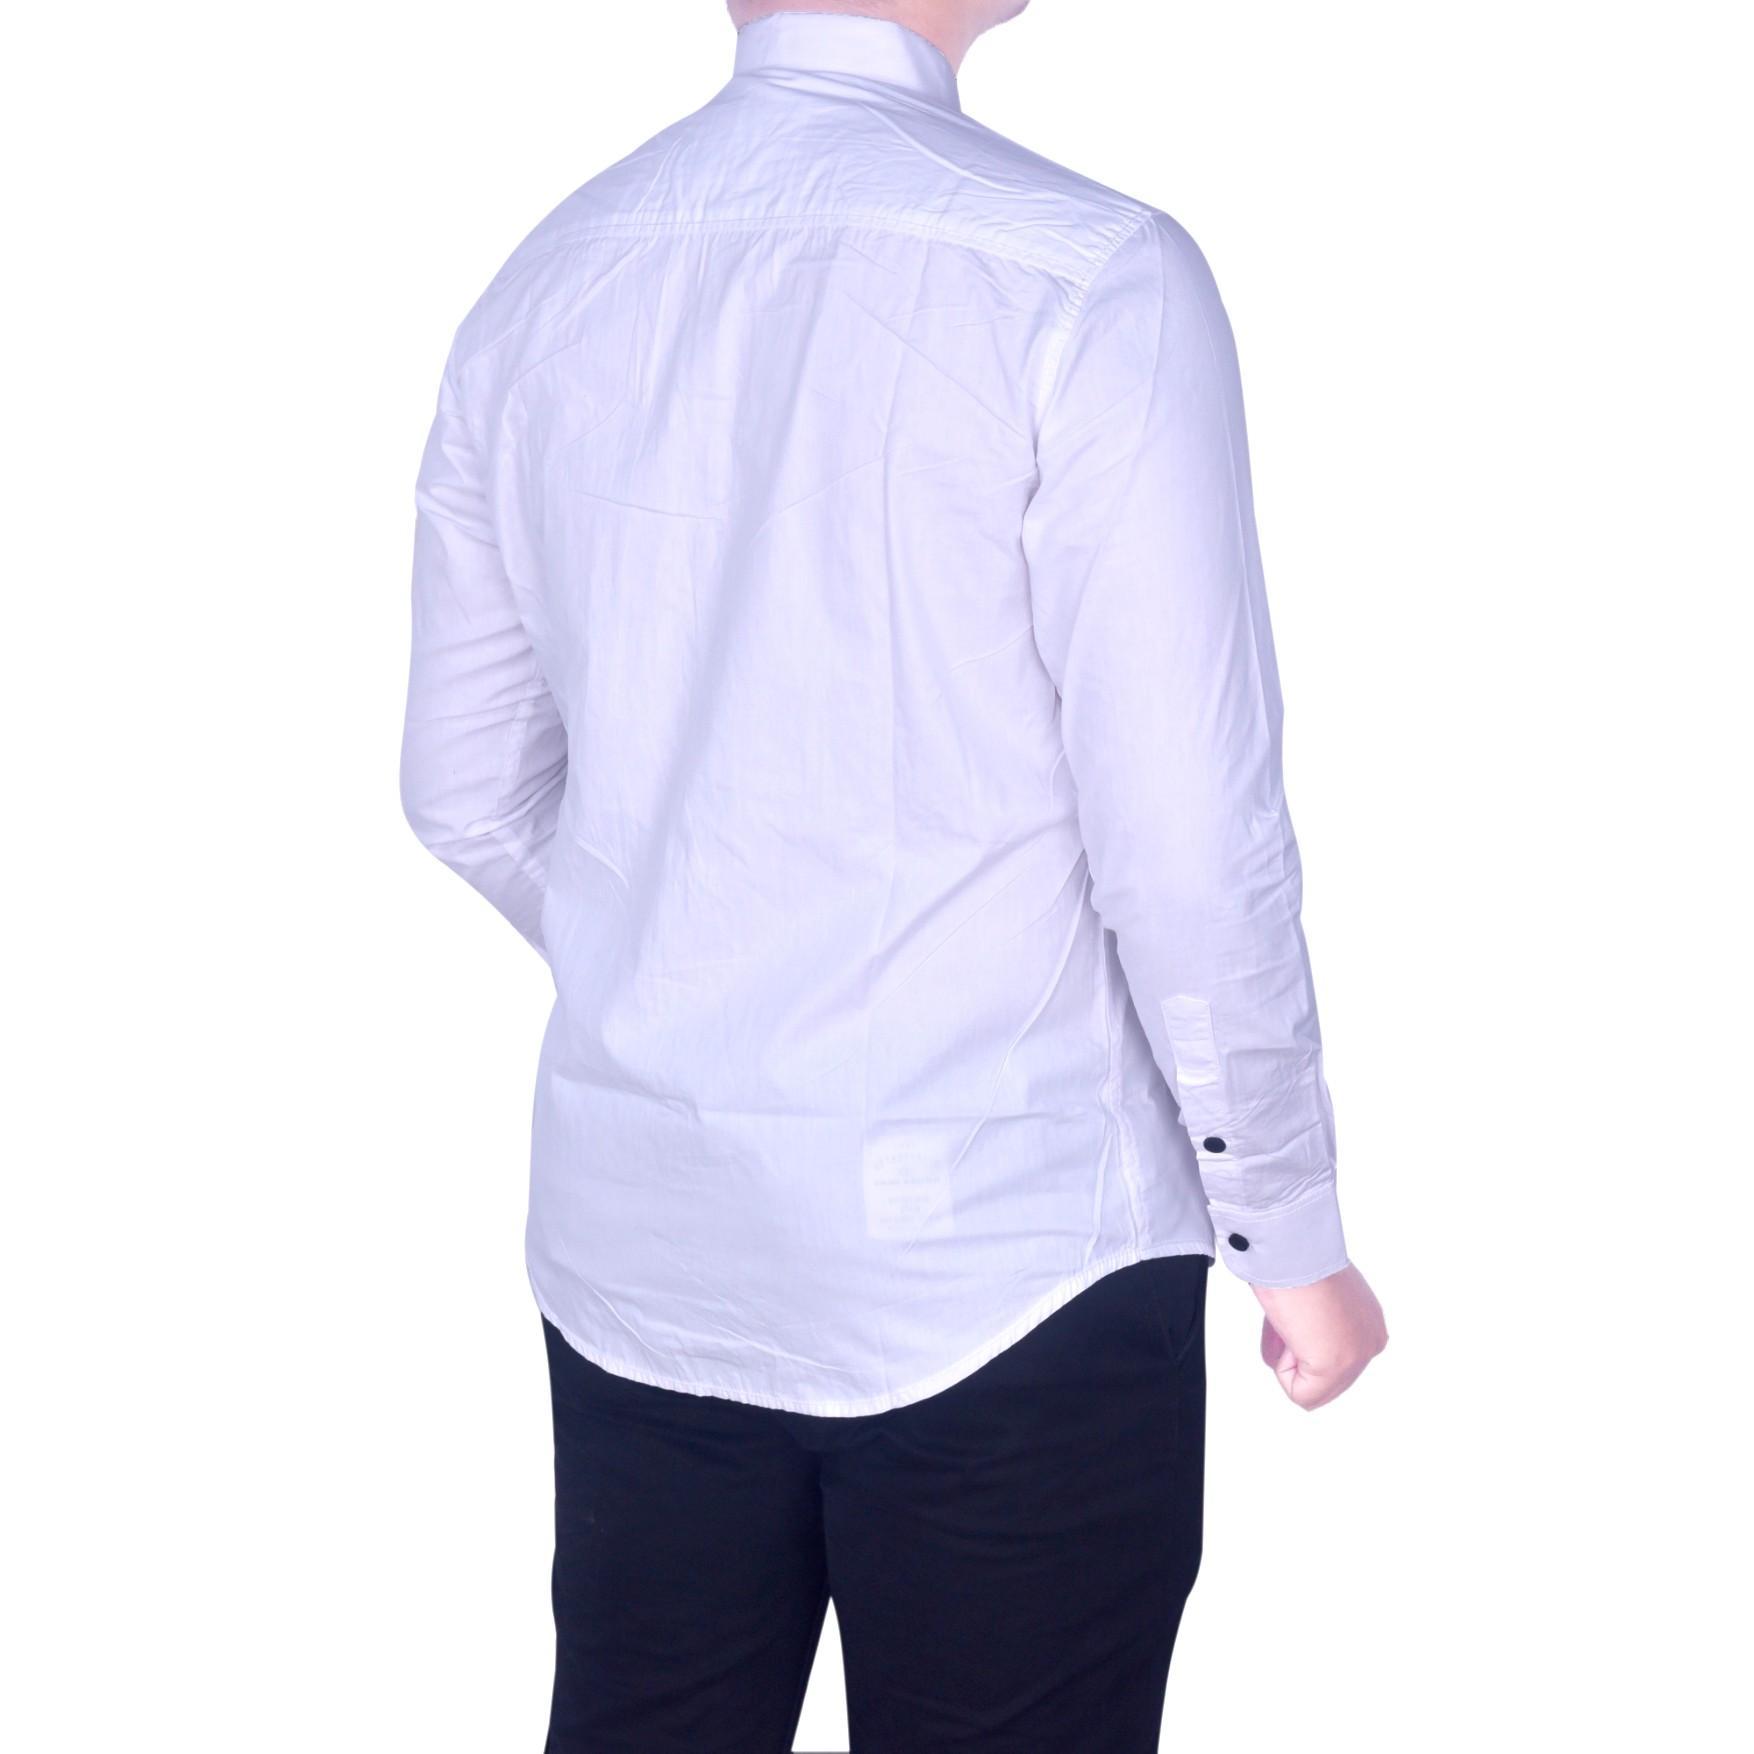 BSG_Fashion1 Kemeja Pria Lengan Panjang Putih Polos /Kemeja Batik Songket/Kemeja Songket/Kemeja Formal/Kemeja Flanel/Kemeja Pantai/Kemeja Casual/Kemeja Polos/Kemeja Tartan/Kemeja Pantai/Kemeja Distro/Kemeja Batik/Kemeja Man PS 4748 Putih - 2